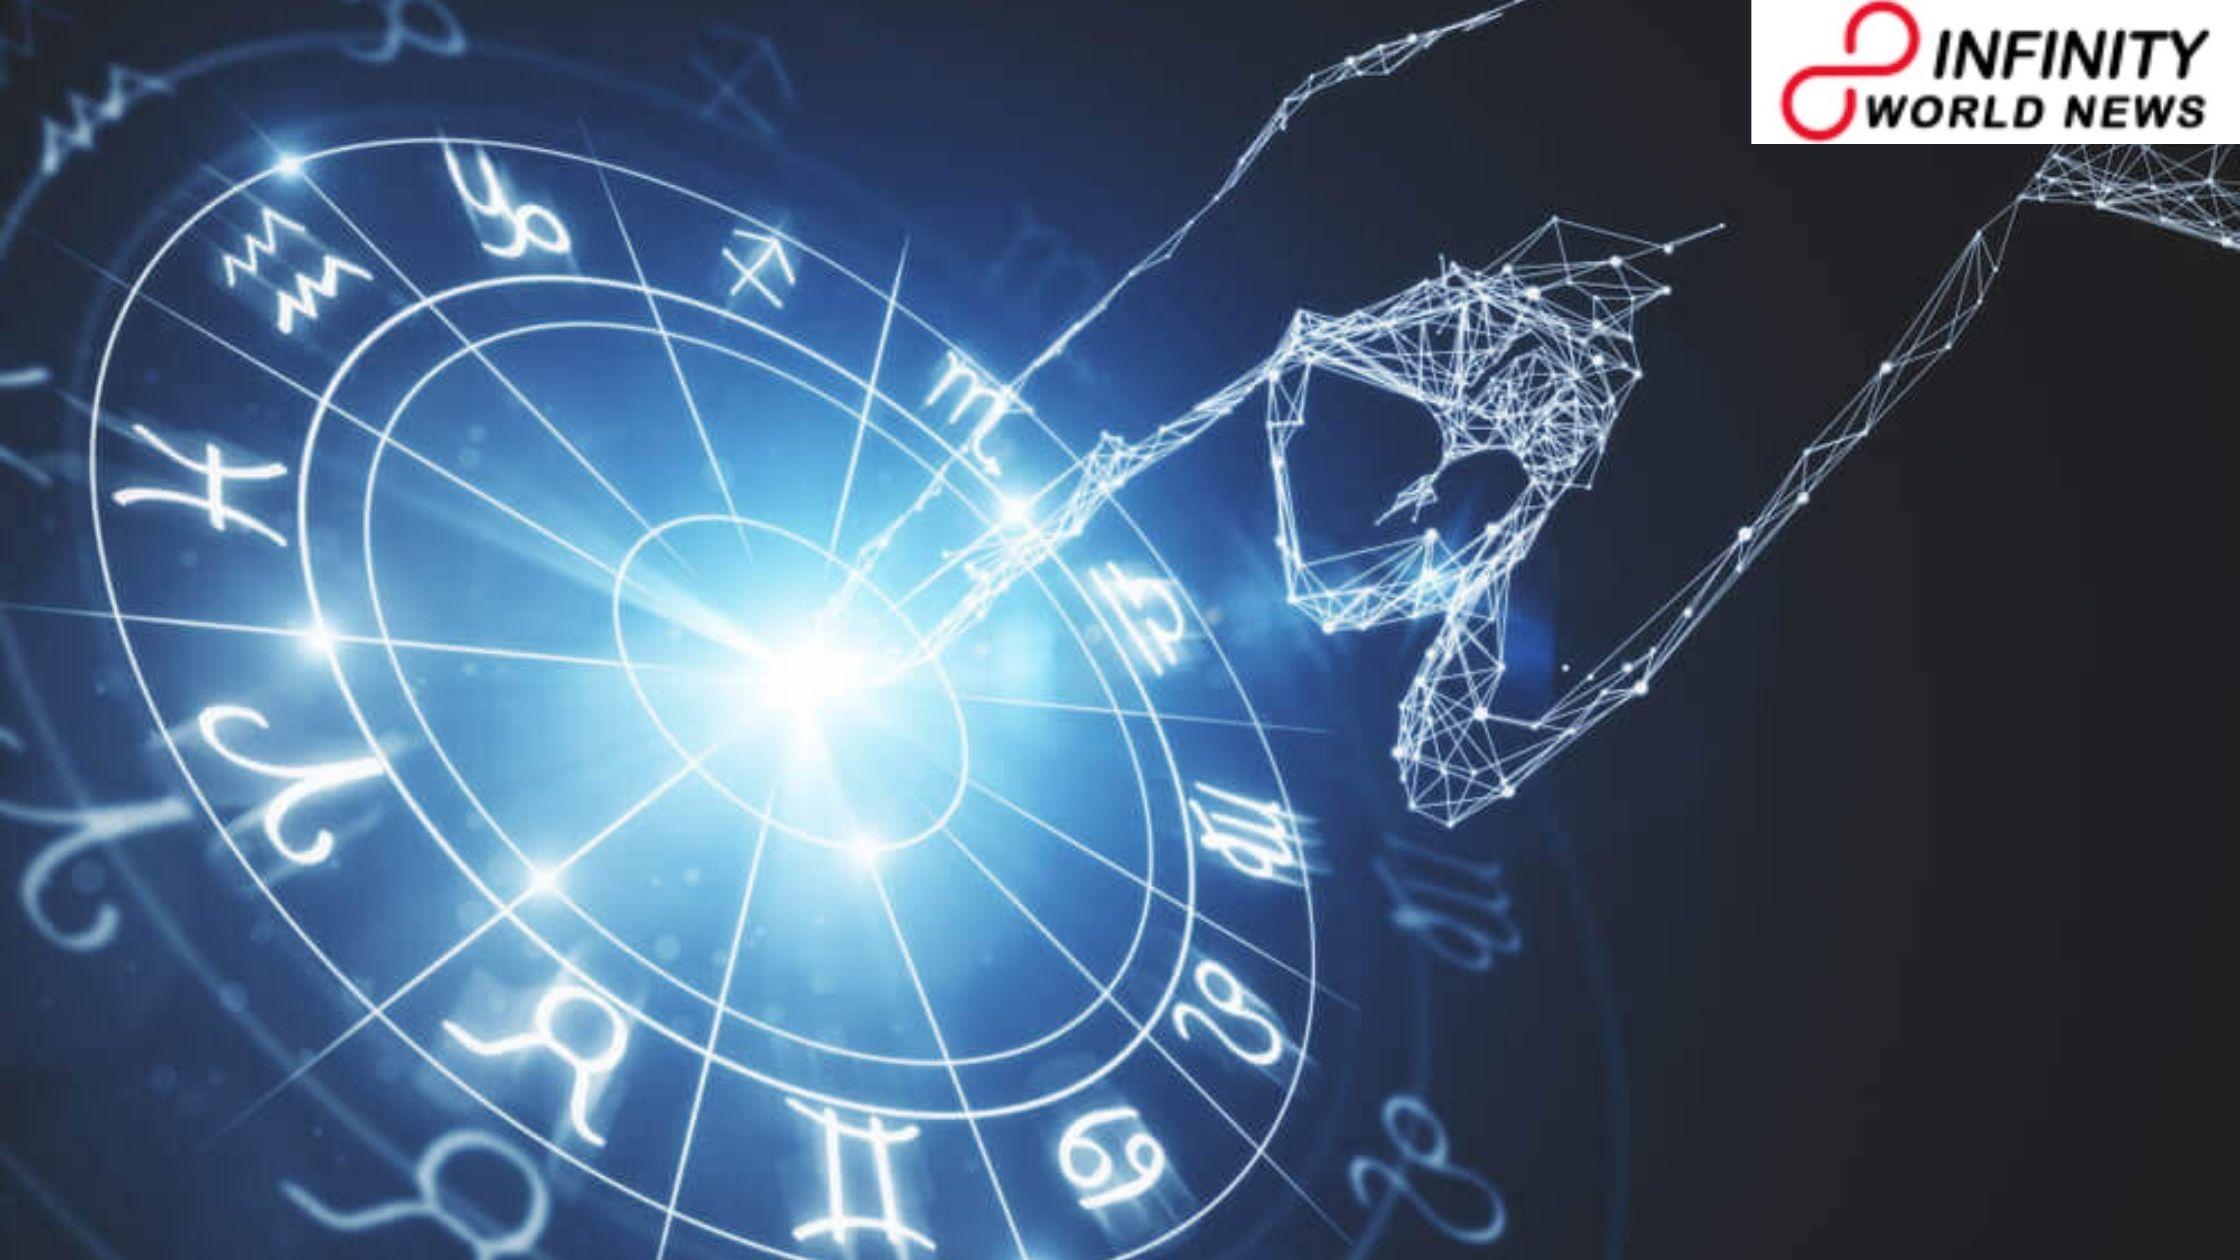 Today Horoscope 13-12-20 | Daily Horoscope